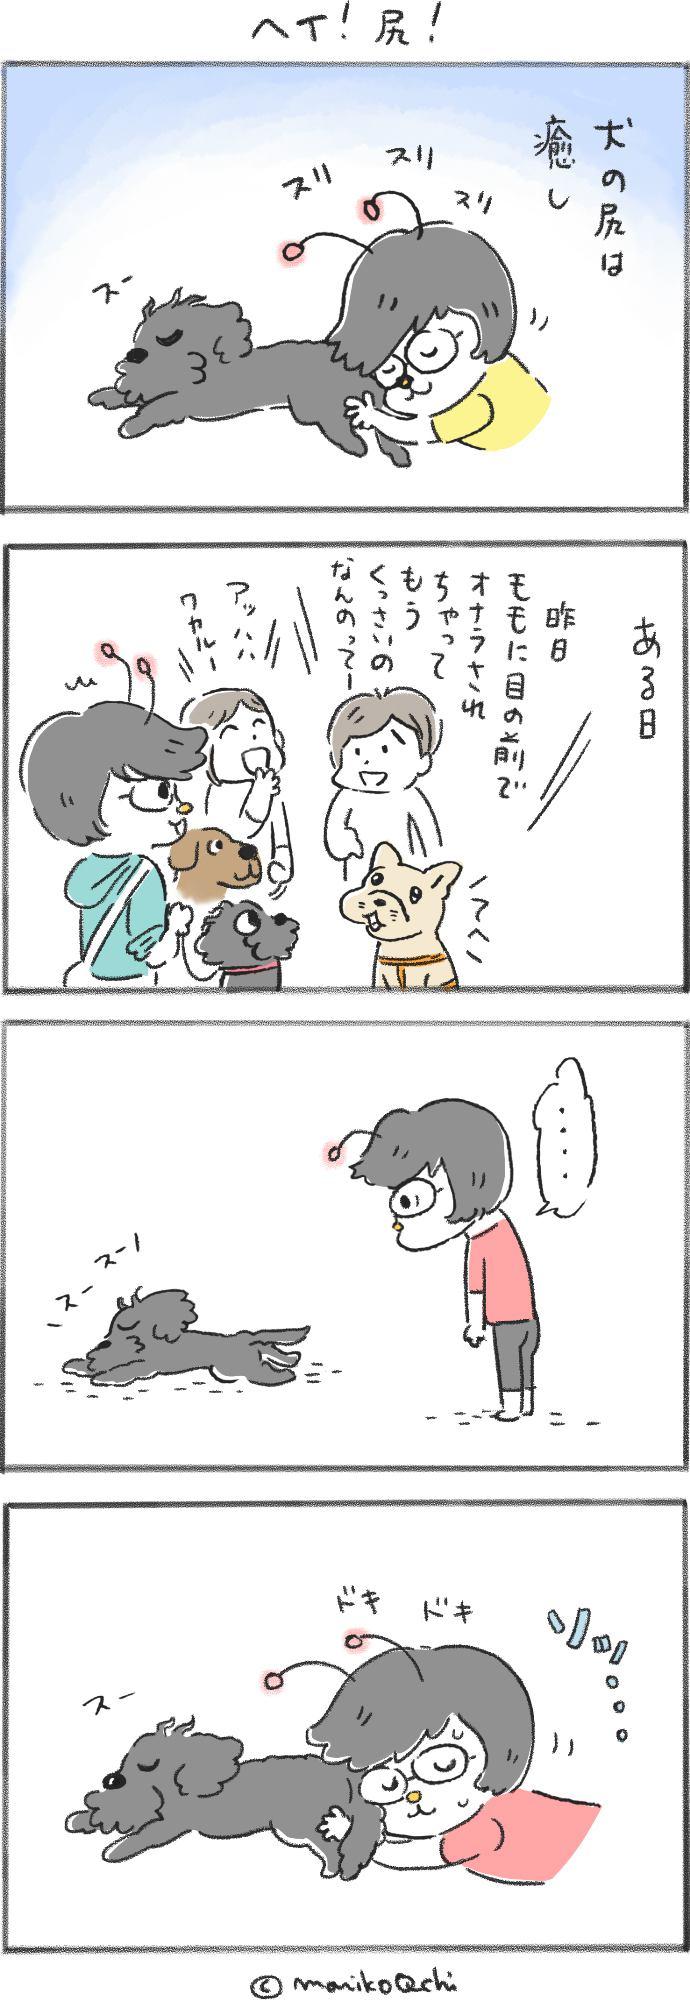 犬と暮らせば第6話